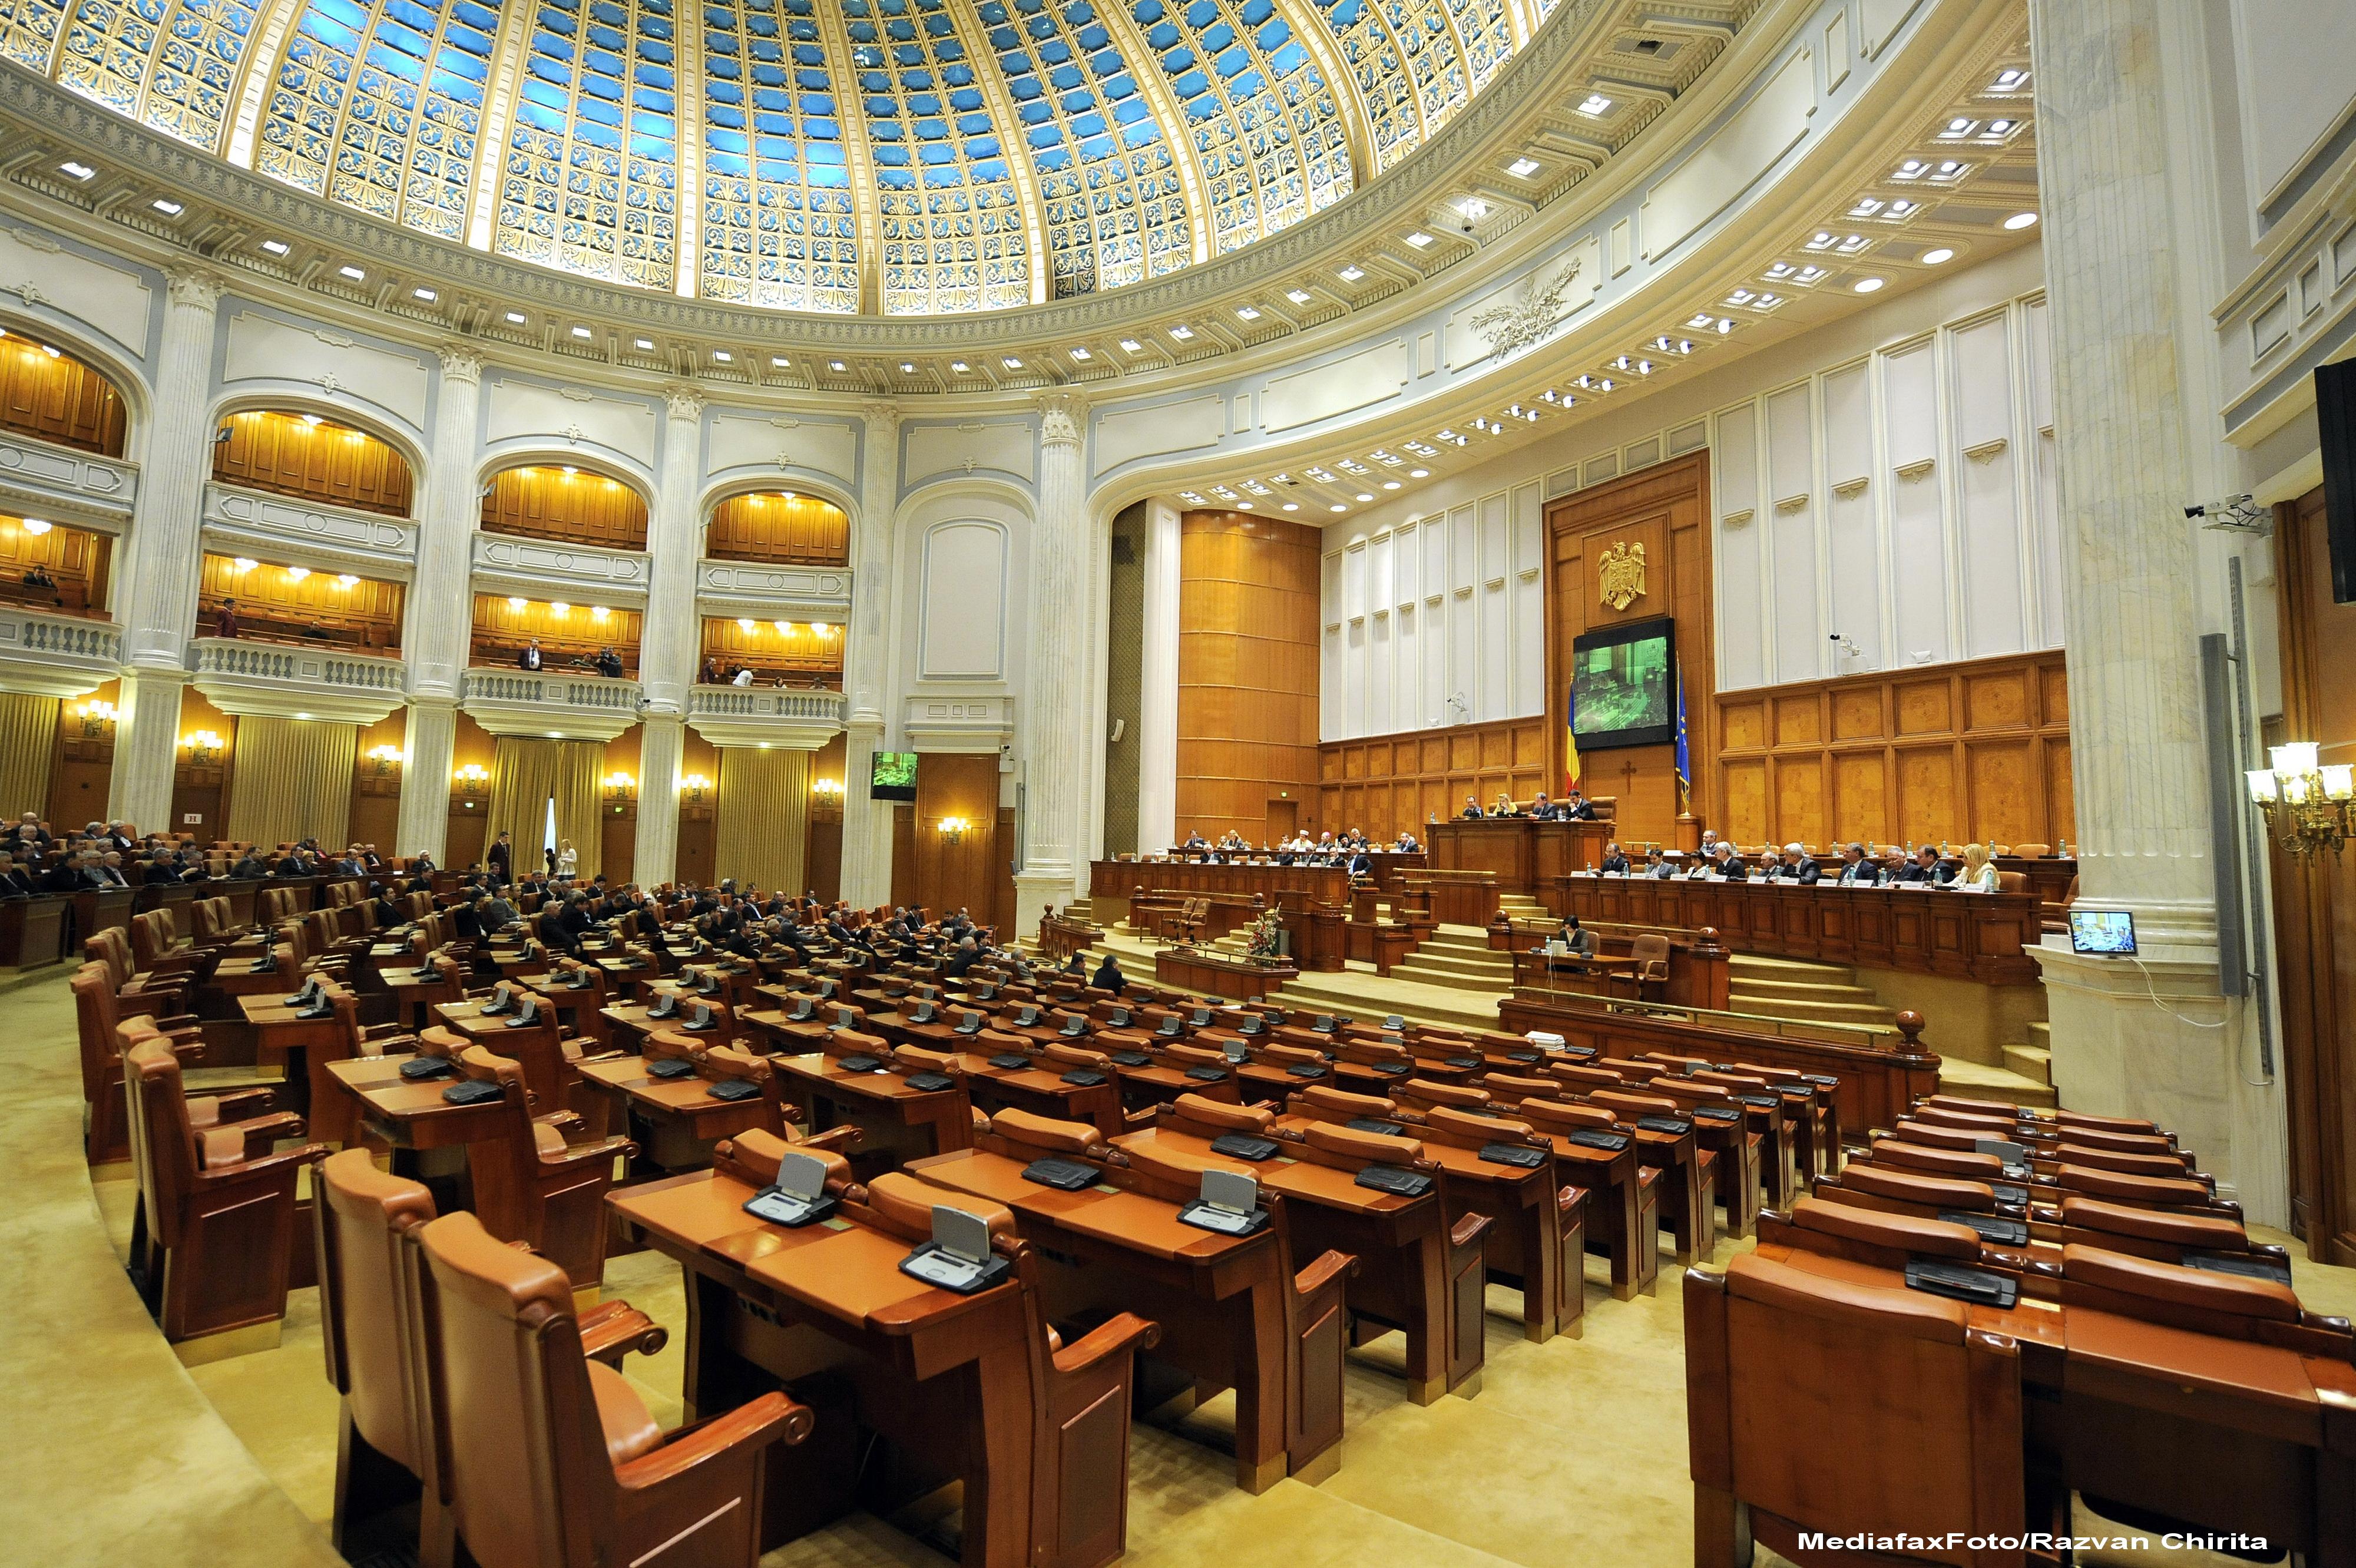 Studiu citat de Washington Post: Democrația din România este în scădere